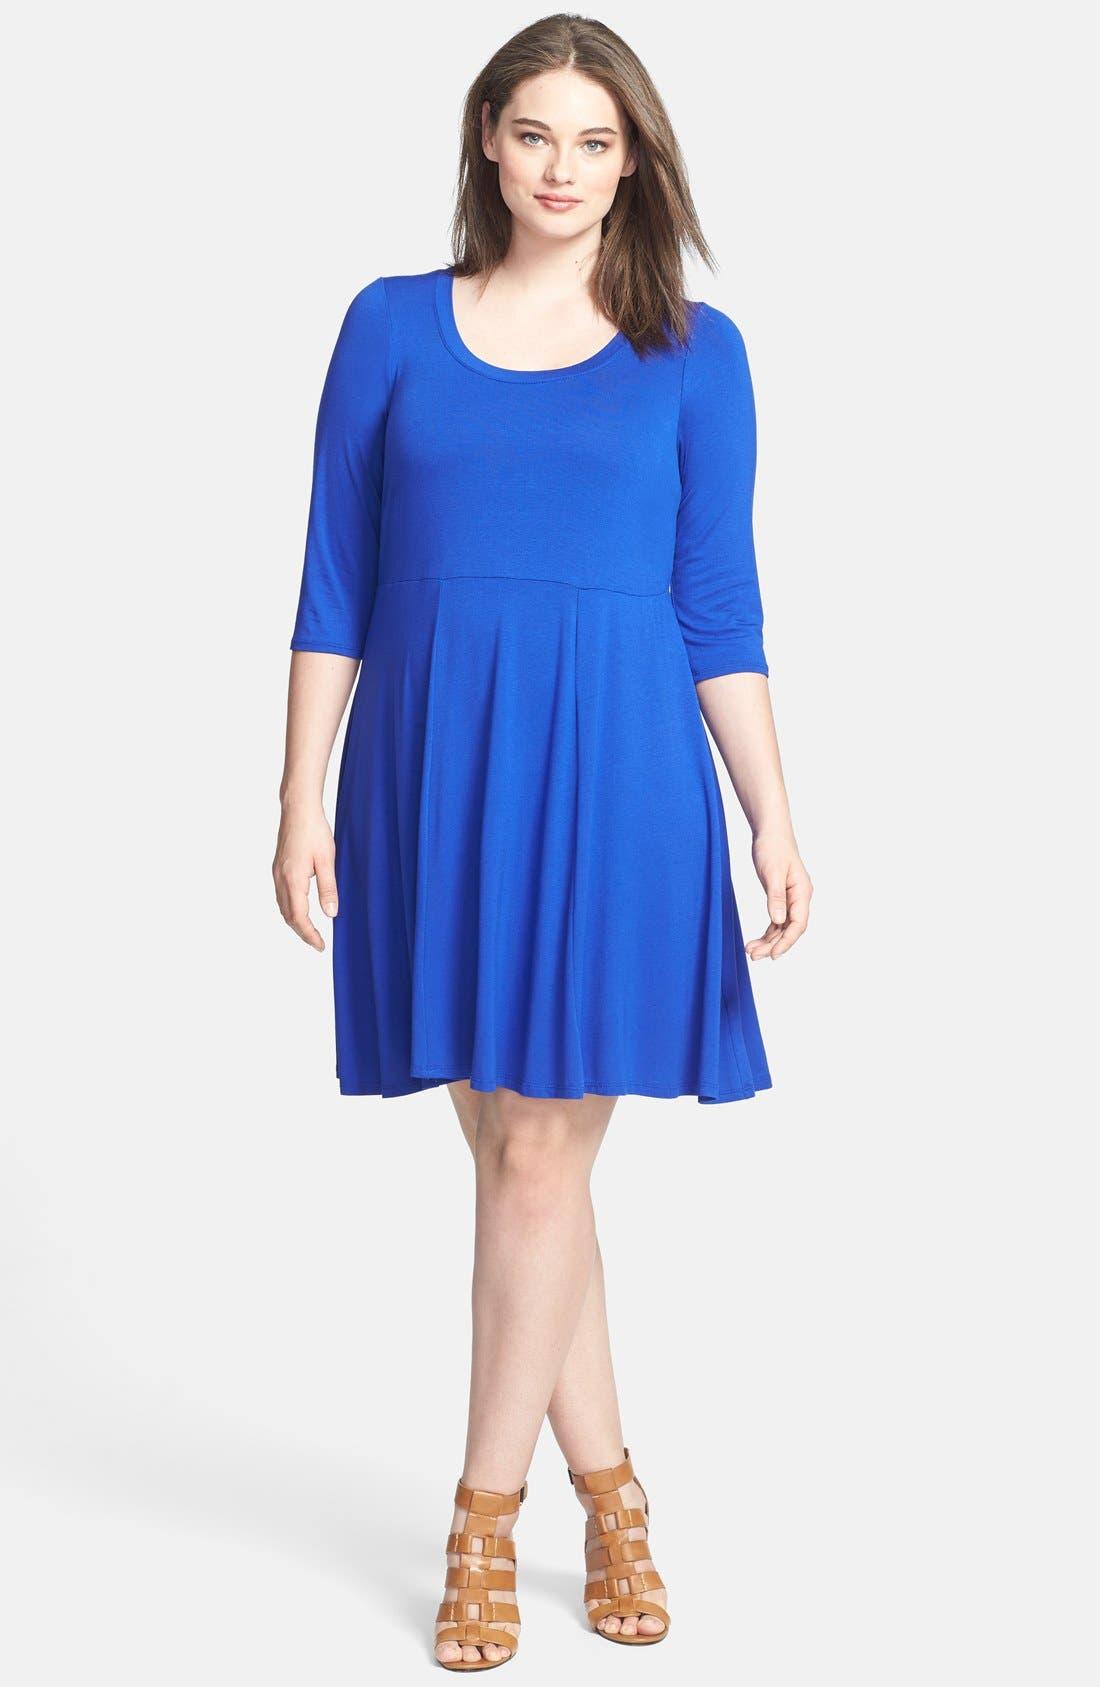 Main Image - Evans Fit & Flare Dress (Plus Size)